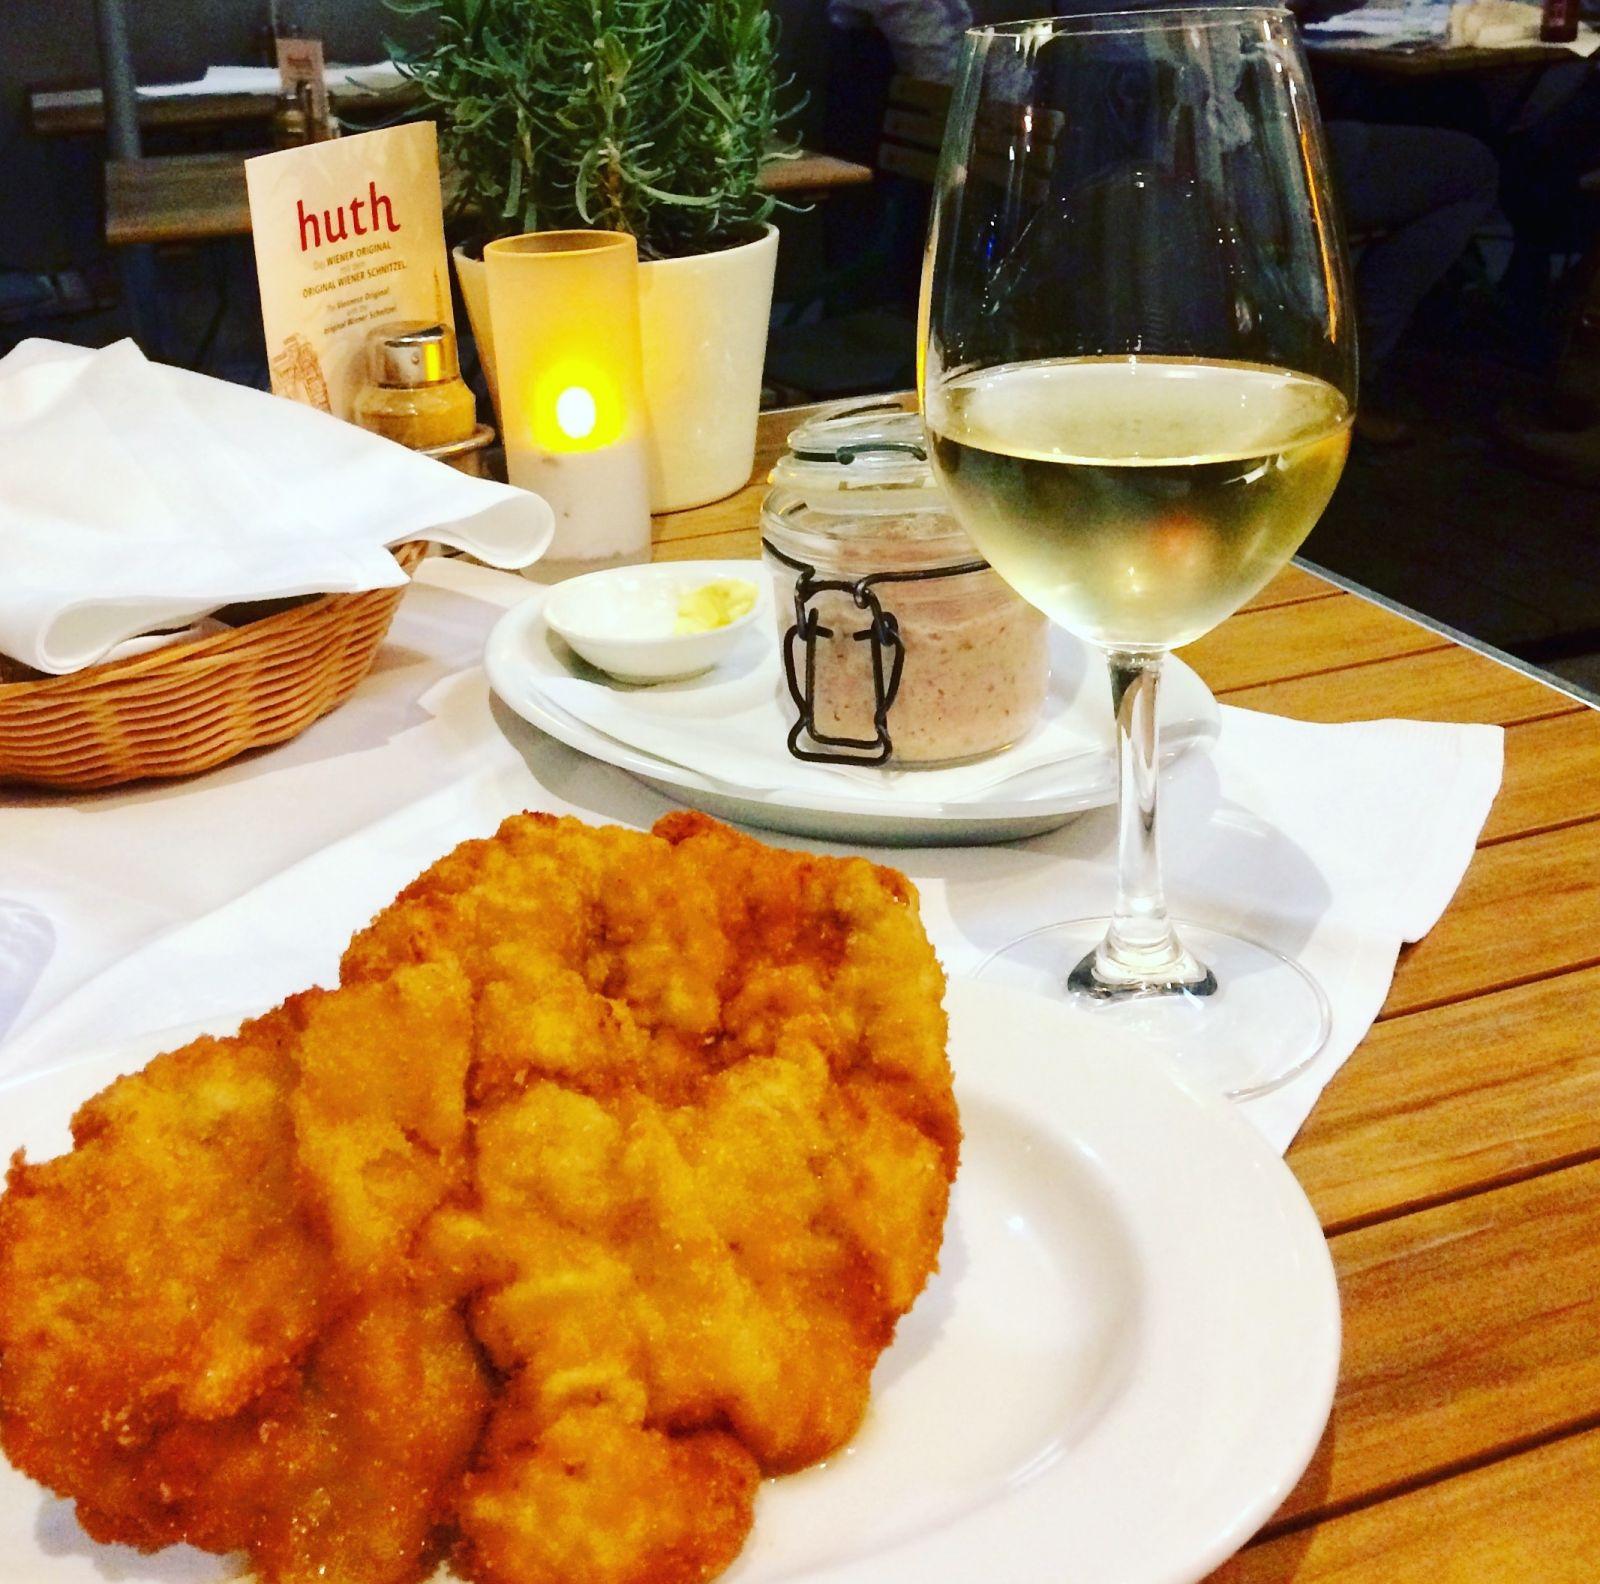 huth-vienna-schnitzel